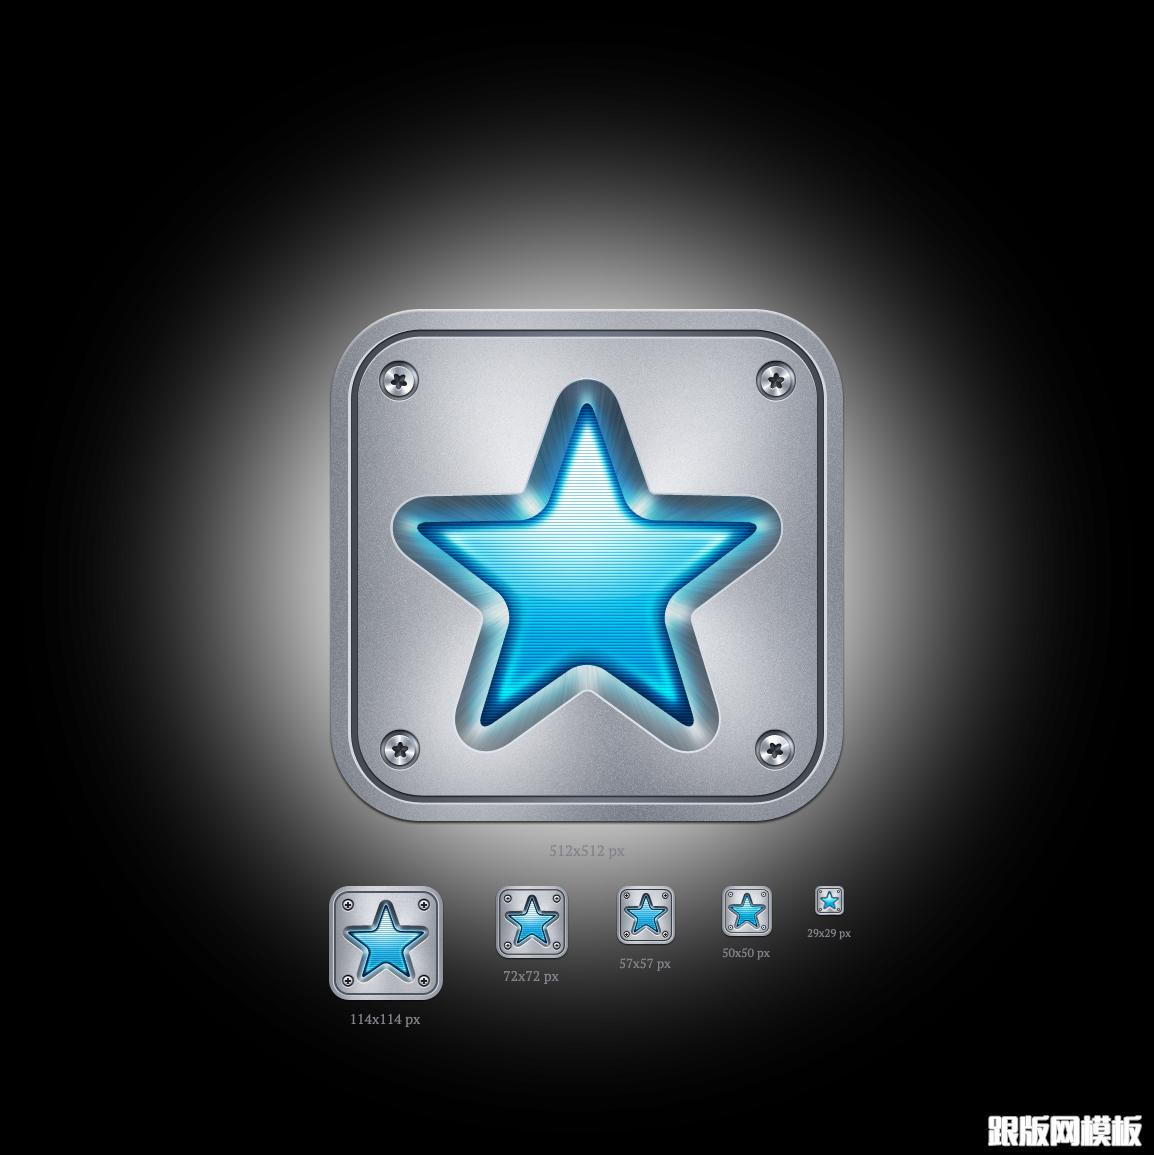 一组免费的苹果ios图标跟app应用界面设计